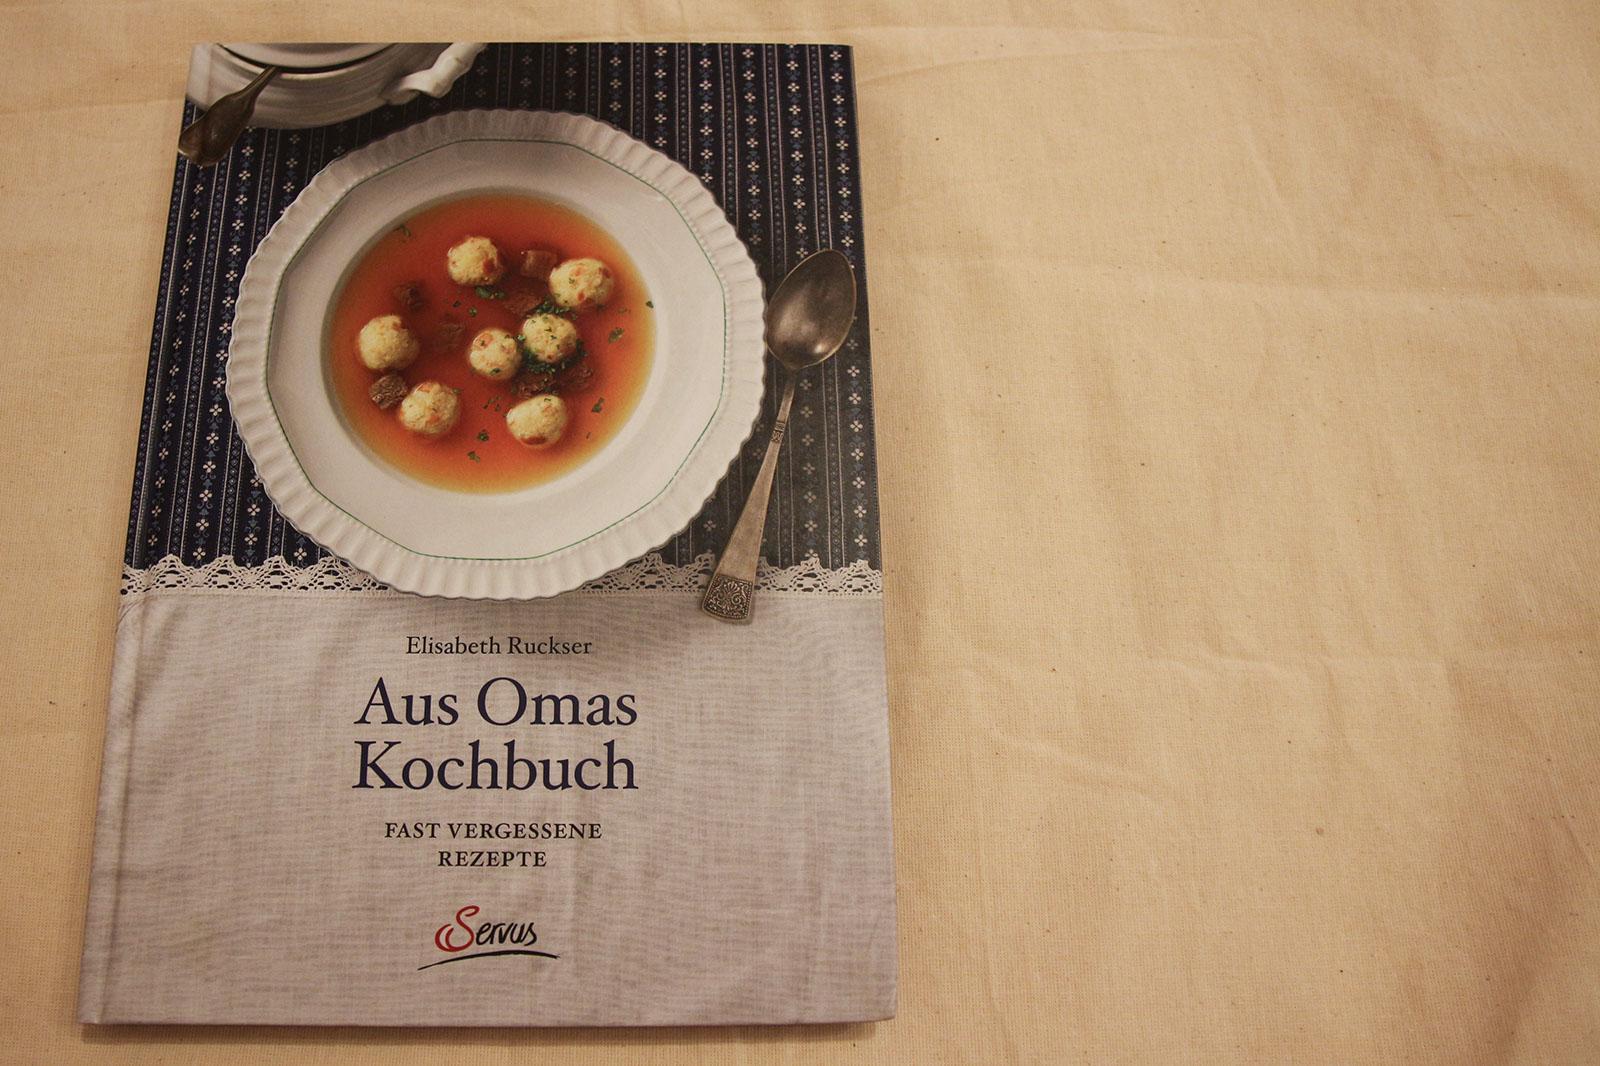 Das Cover vom Aus Omas Kochbuch